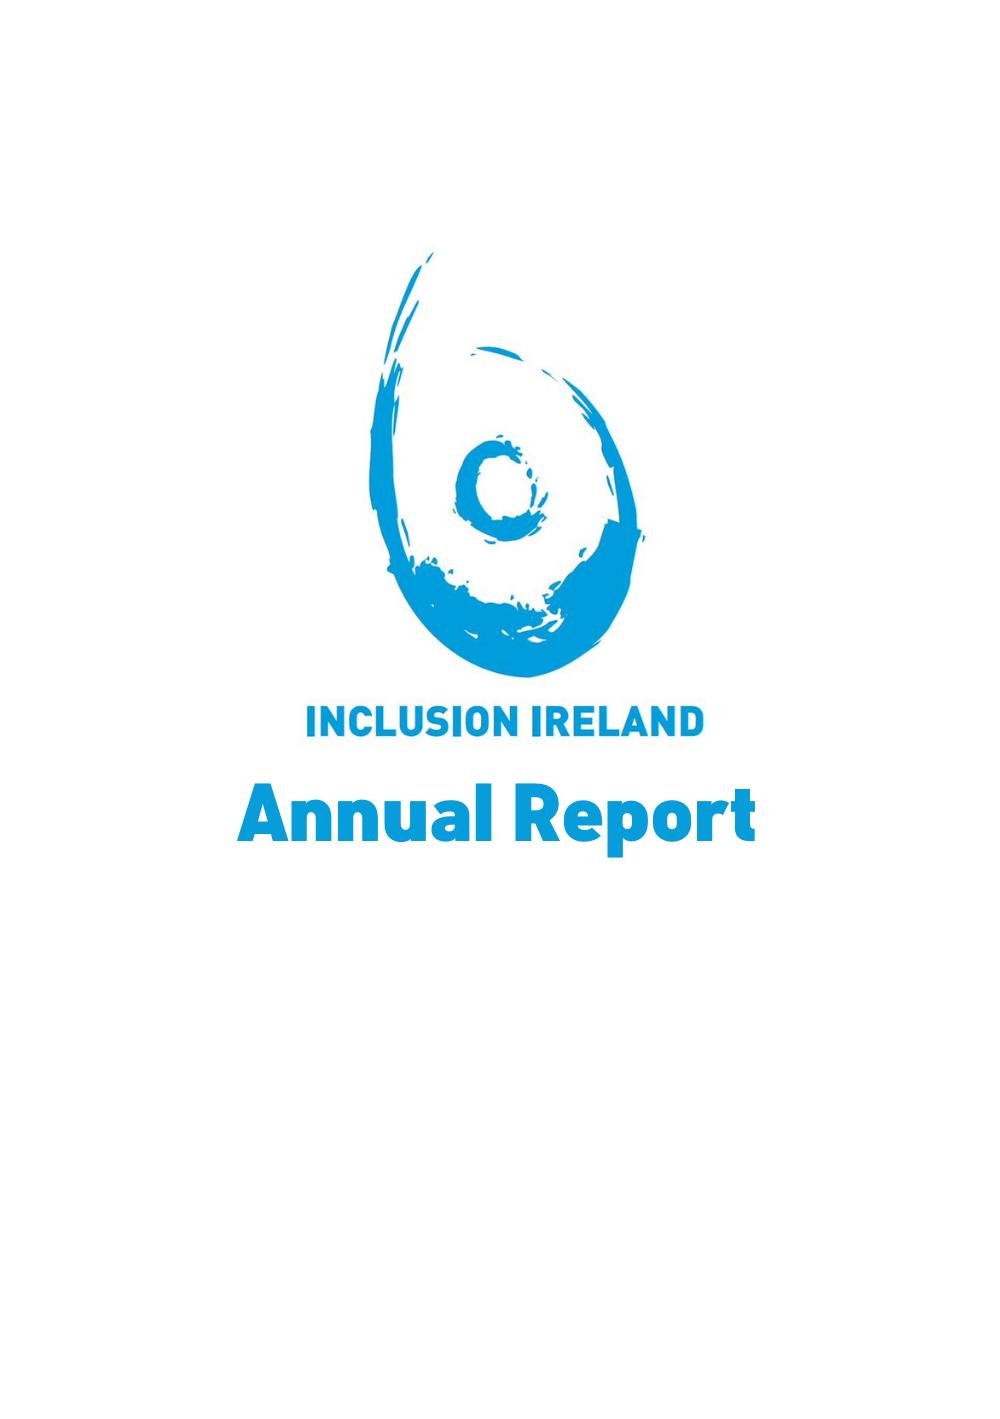 Inclusion Ireland Annual Report 2019